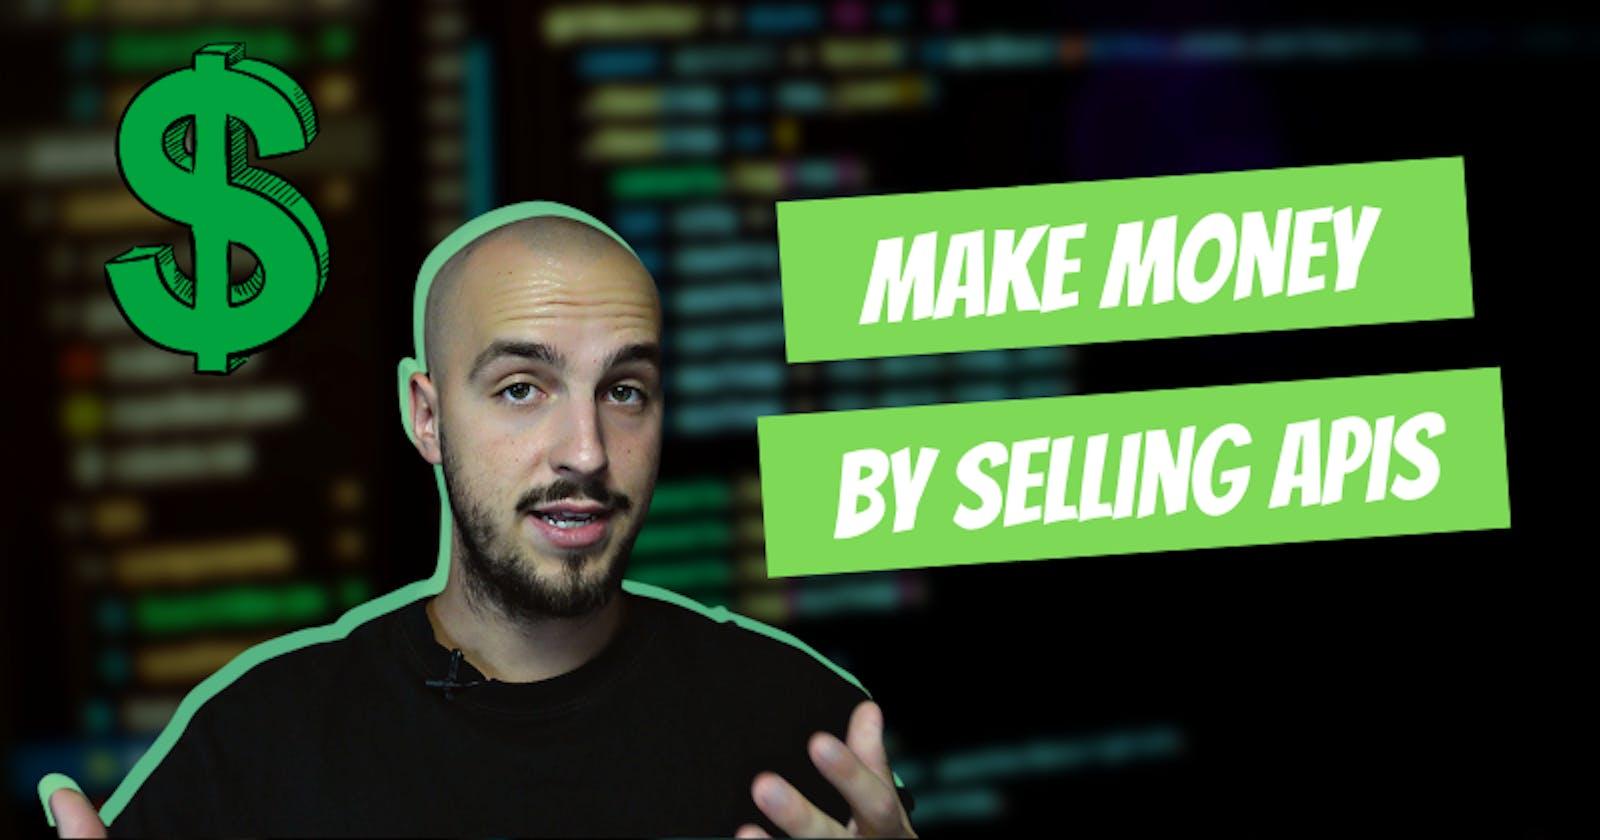 Make Money As A Developer By Selling APIs